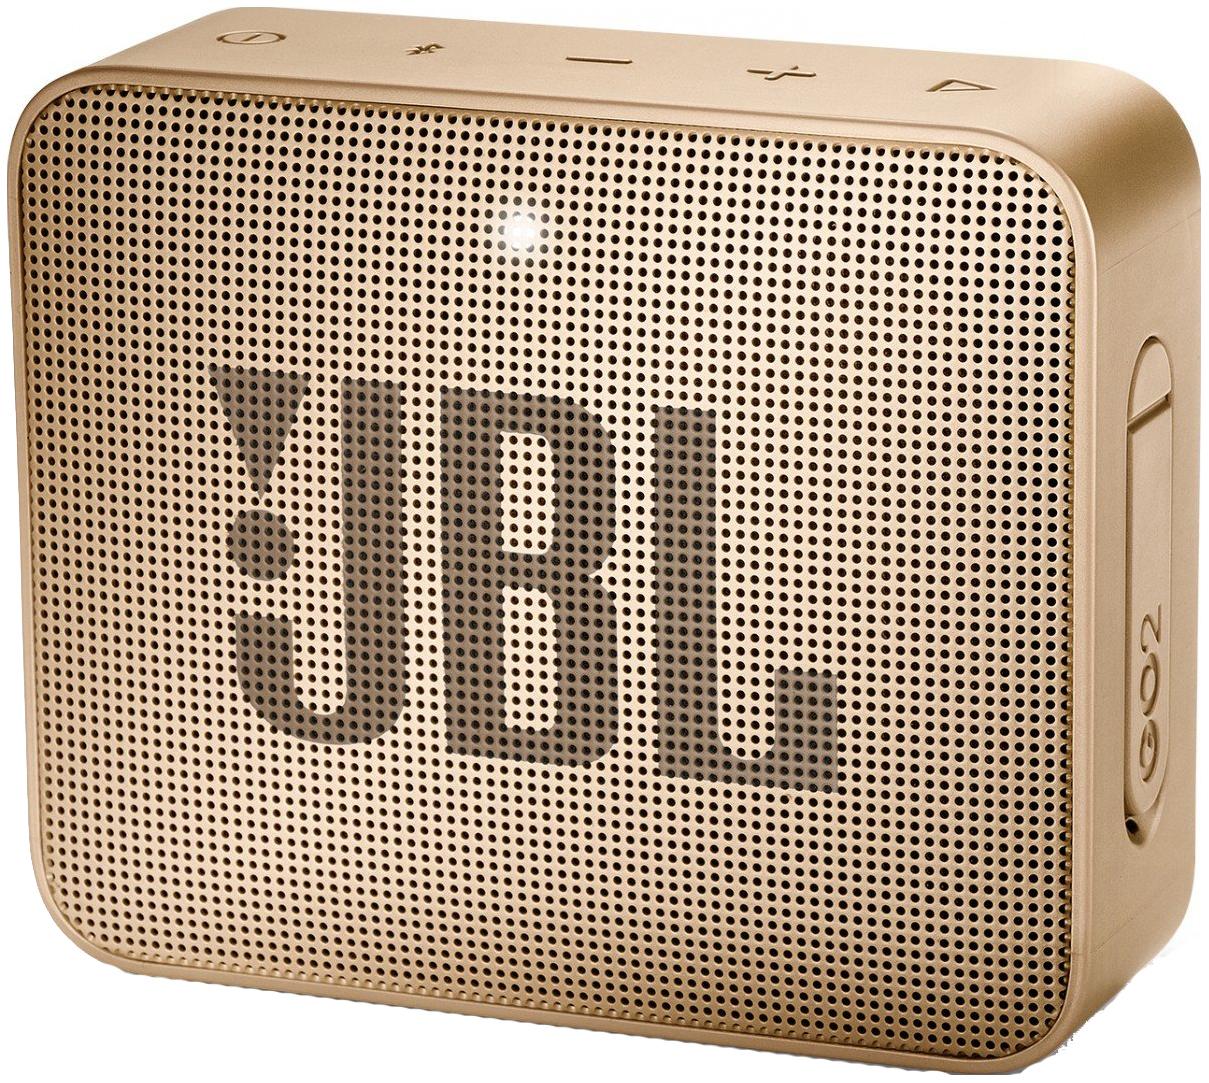 Беспроводная акустика JBL Go 2 JBLGO2CHAMPAGNE